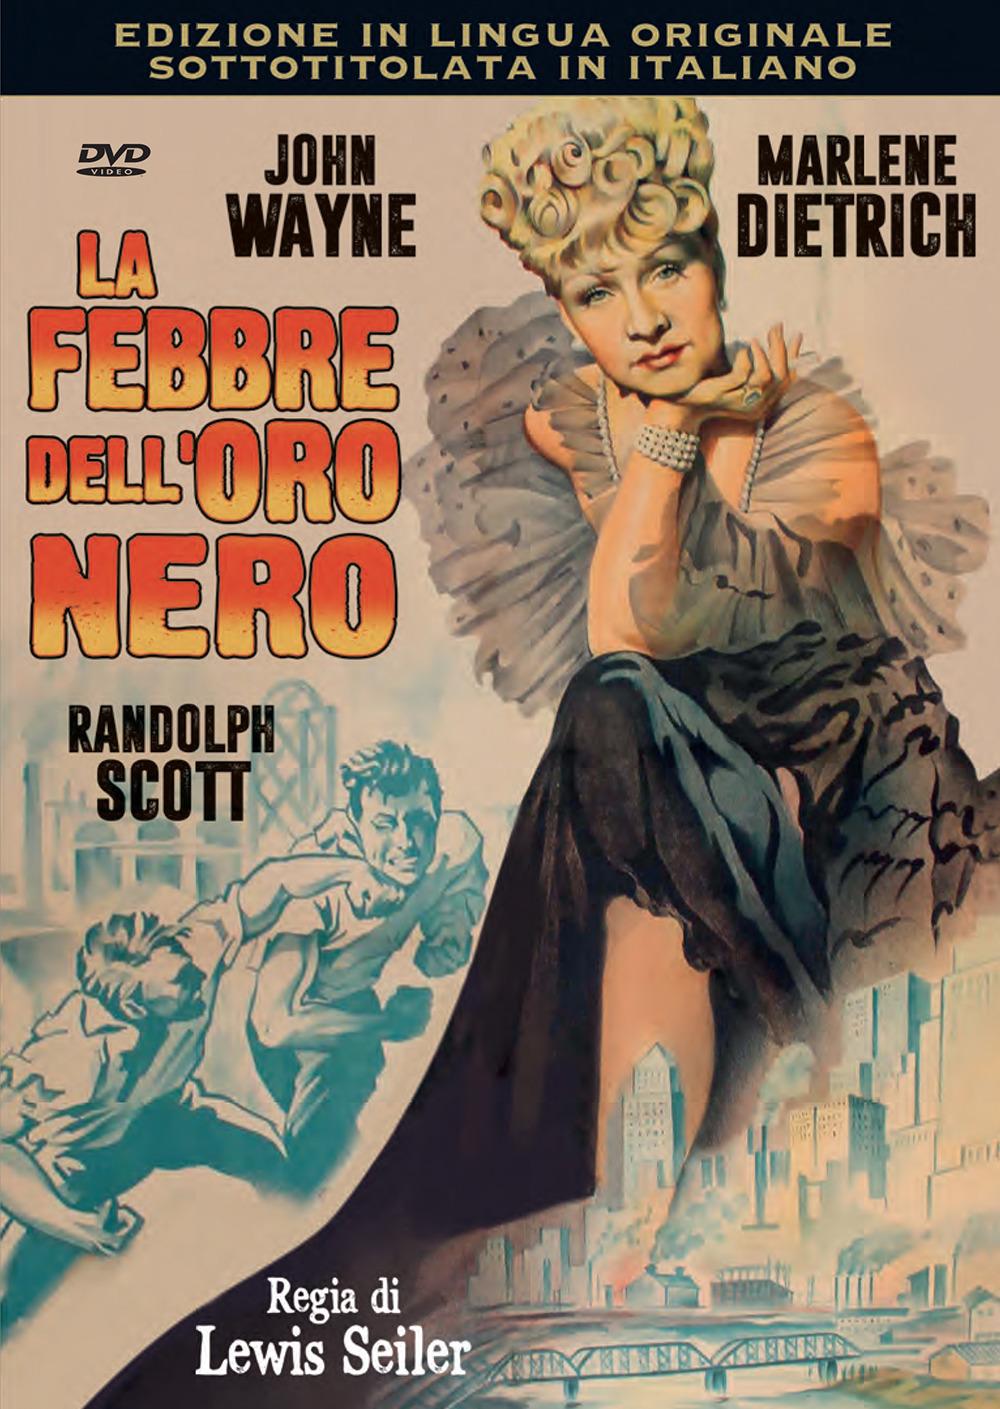 LA FEBBRE DELL'ORO NERO (DVD)